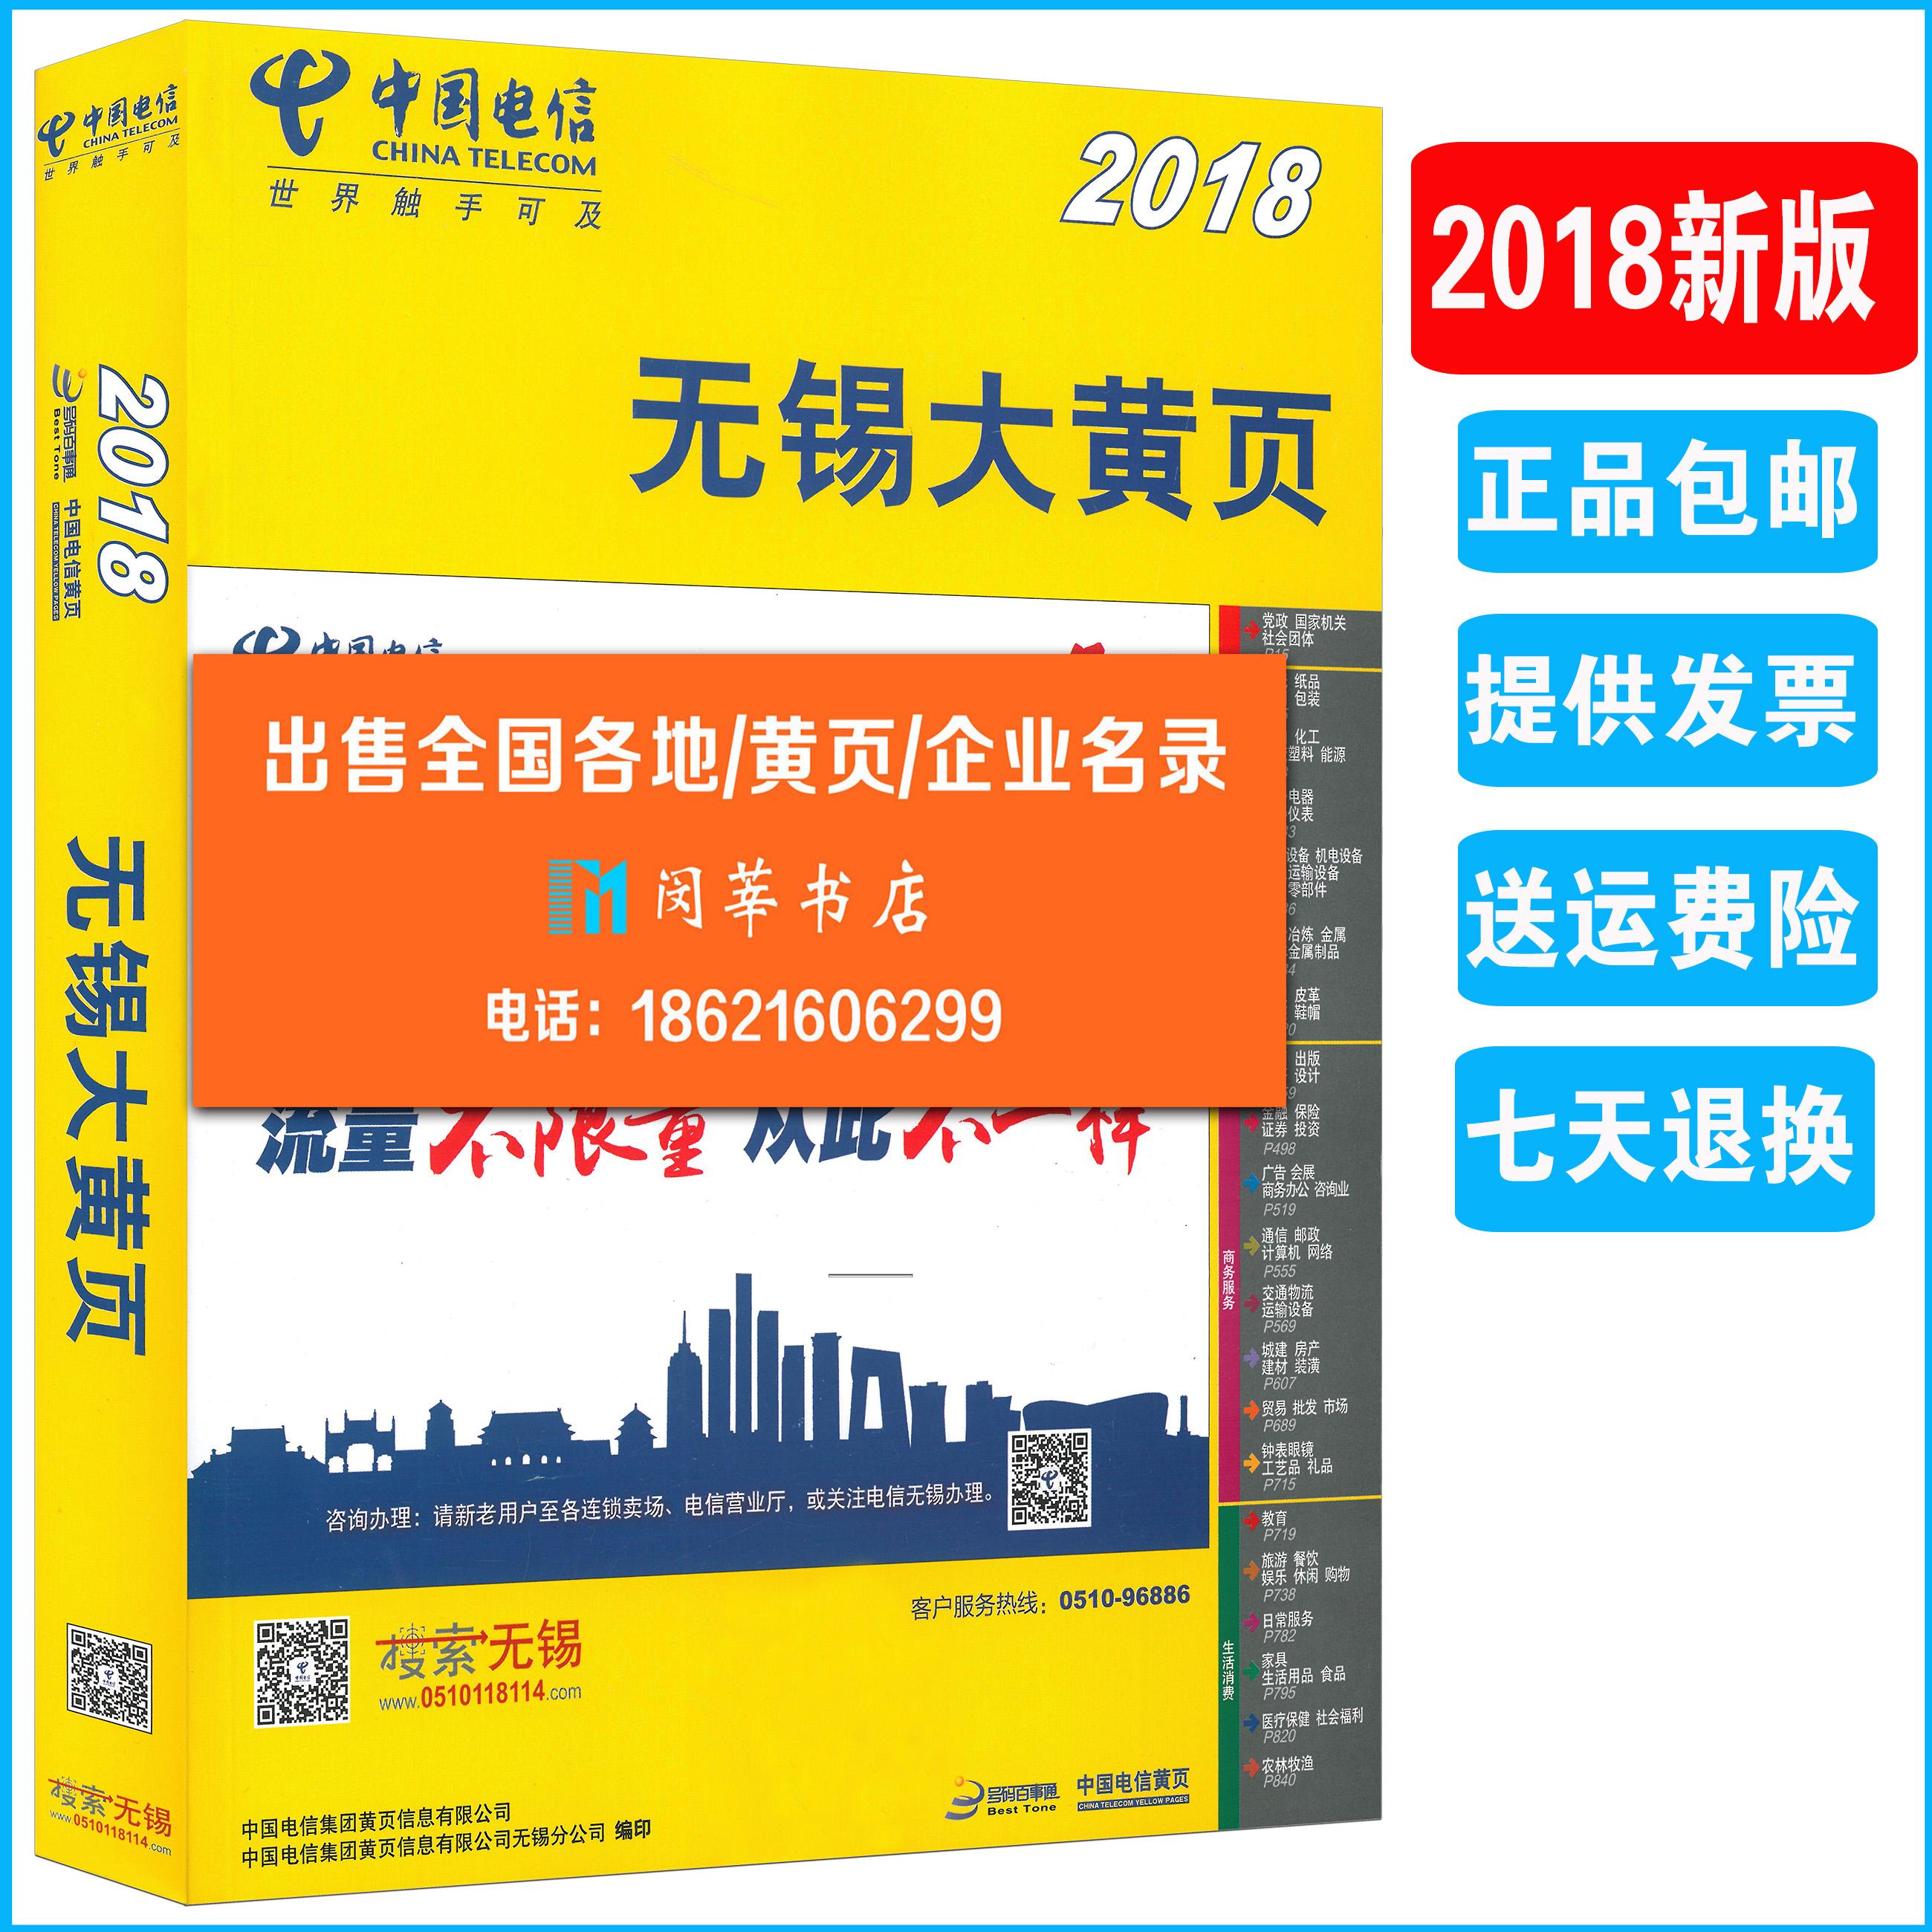 2018 нет олово желтый страница 2018 провинция цзянсу провинция нет олово бизнес ревень страница имя запись связь телефон книга